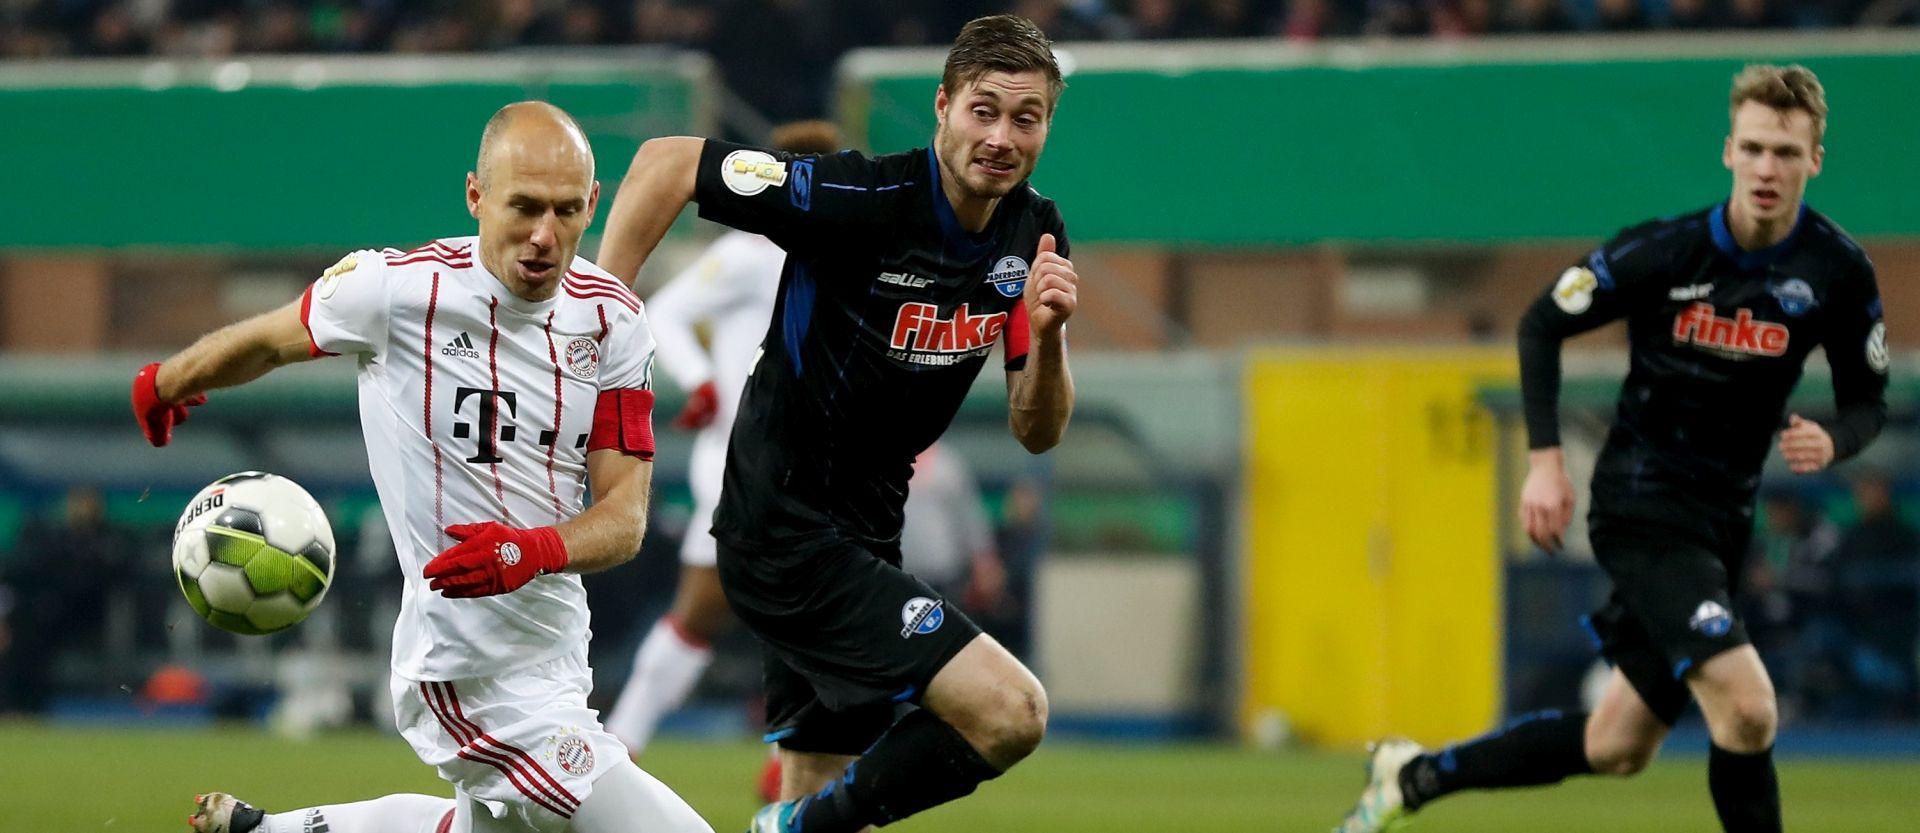 Bayern 'šesticom' u polufinale Kupa, ozljeda Müllera